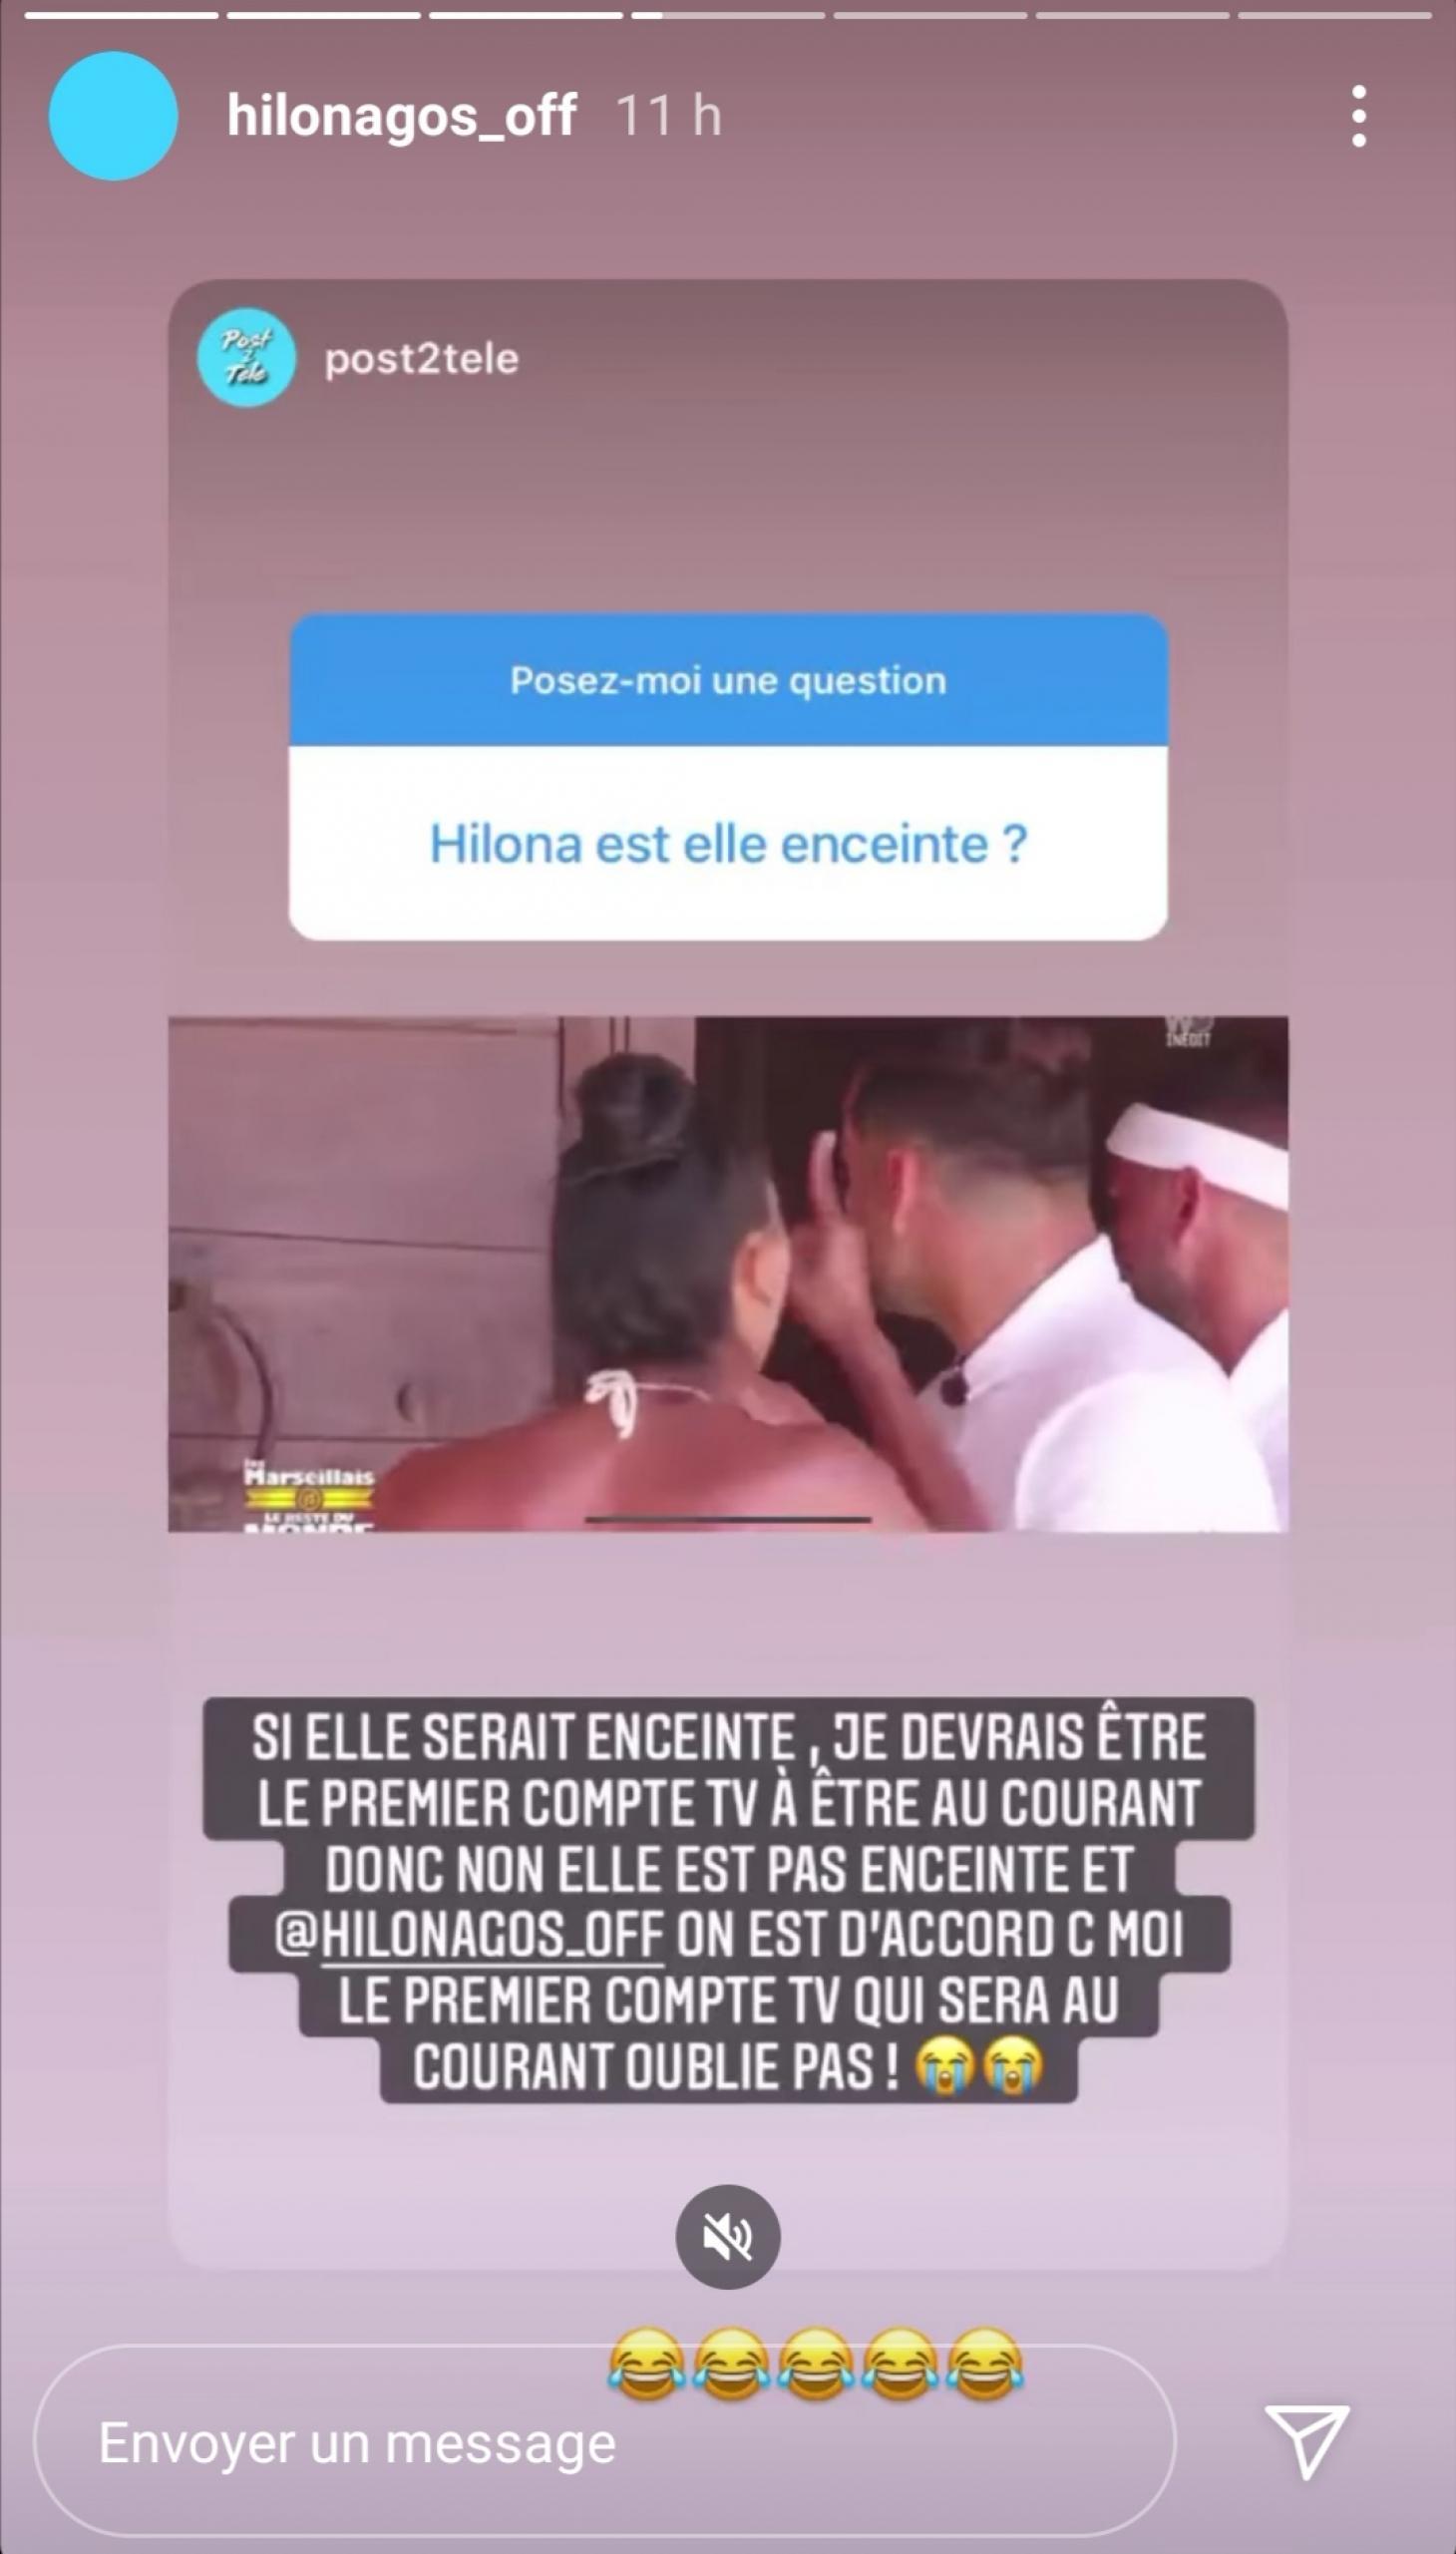 Julien Bert fiancé à Hilona : Découvrez les images de son incroyable demande en mariage